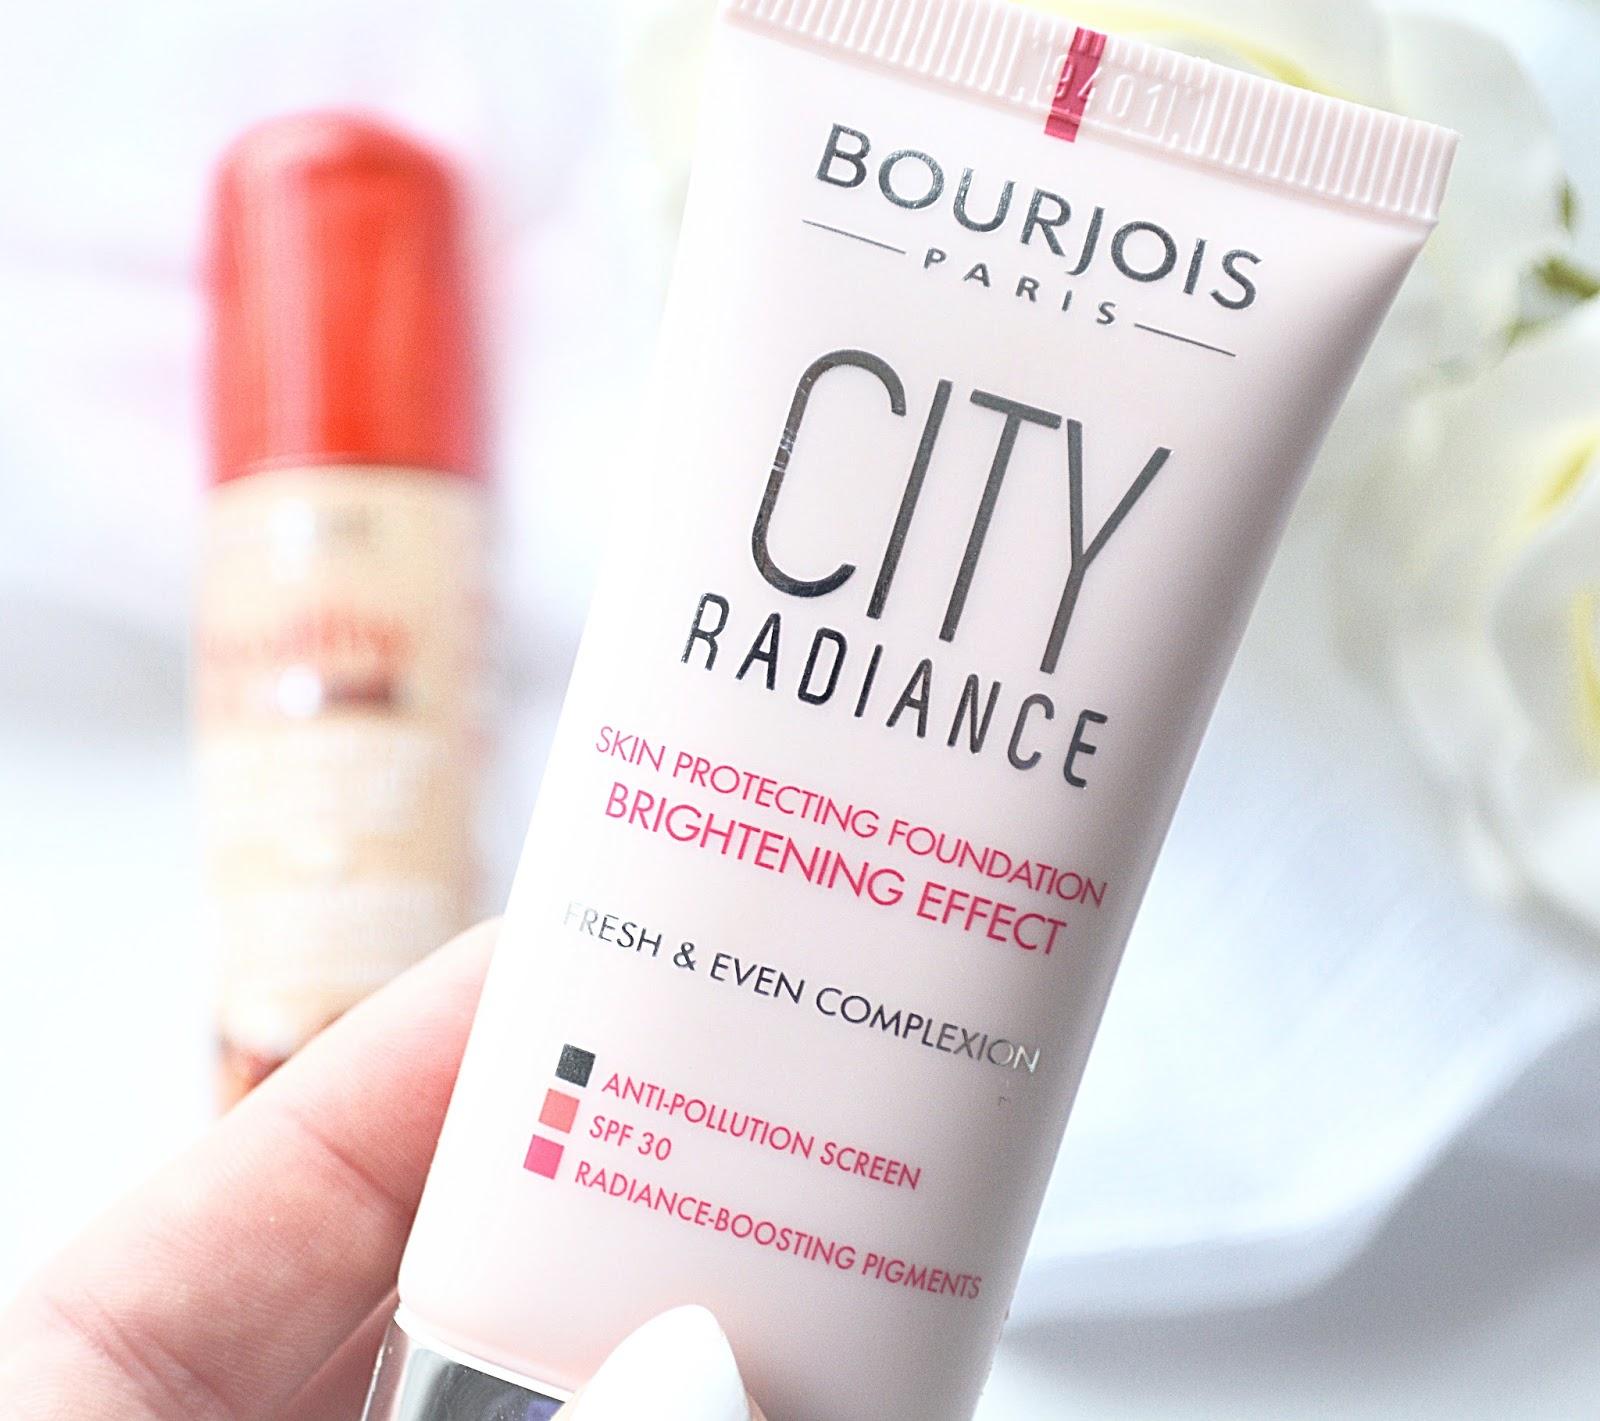 Bourjois, Bourjois Foundation, Bourjois City Radiance, Bourjois Healthy Serum Foundation, Foundation, Dewy Skin,